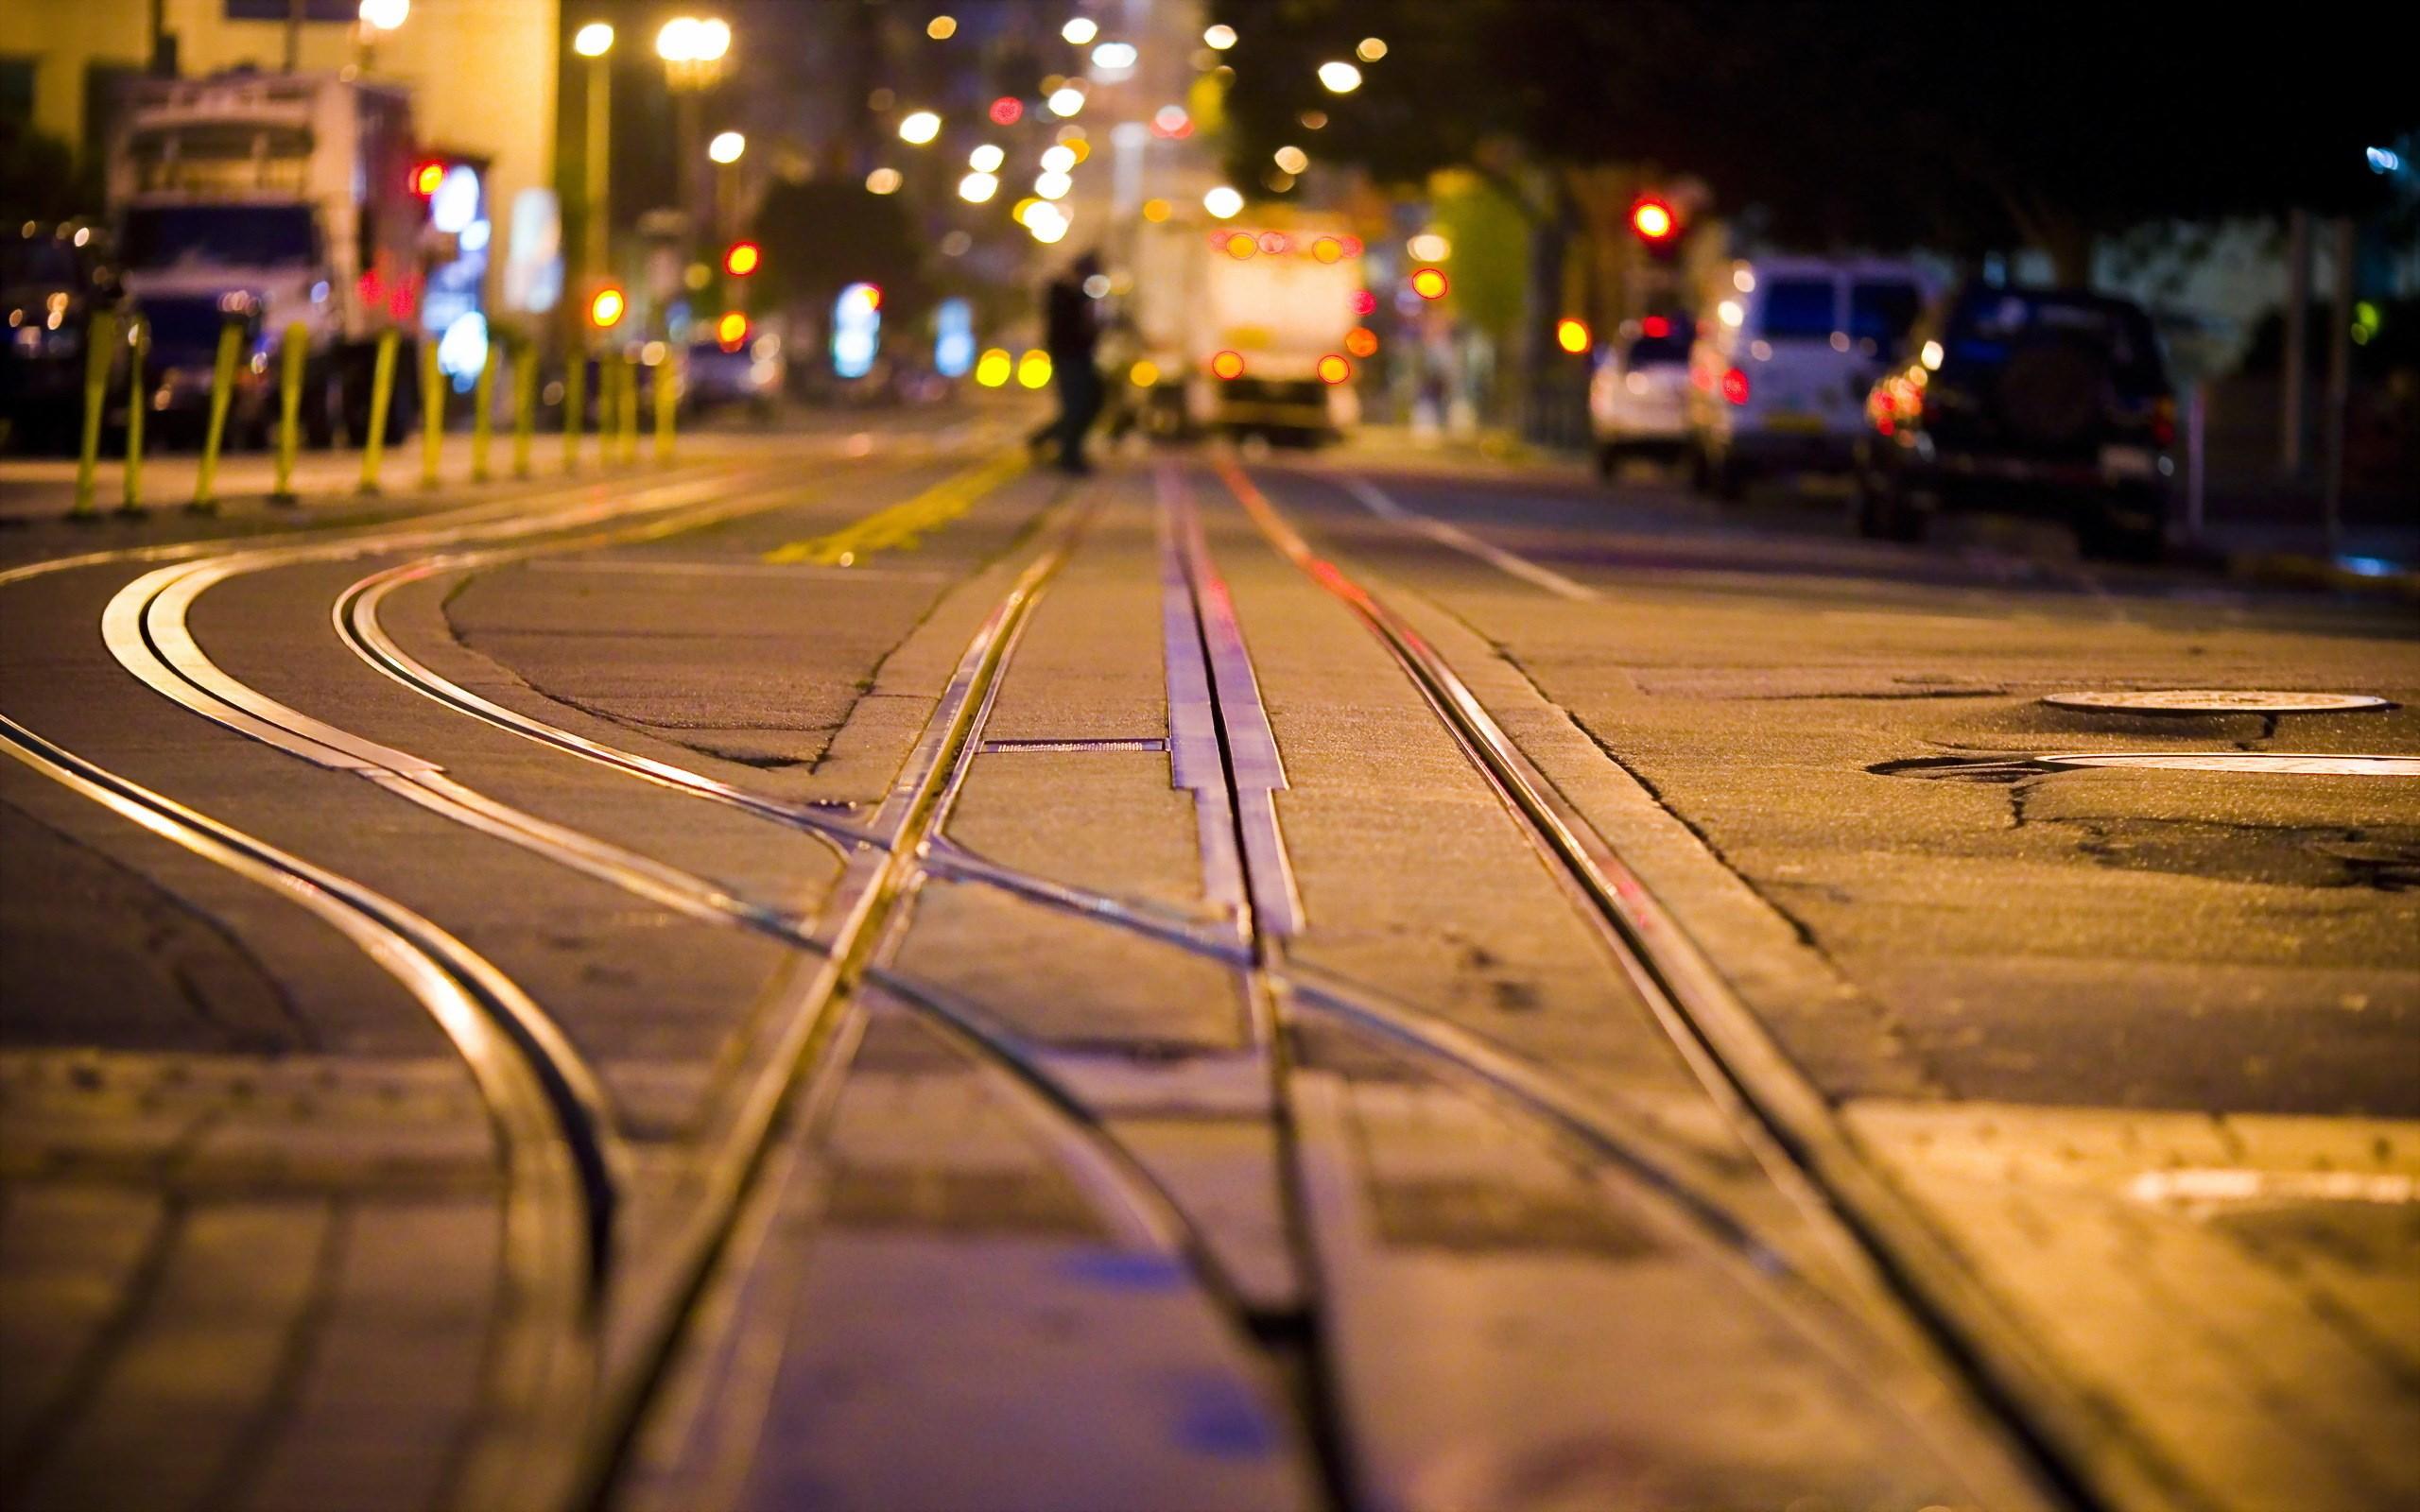 City Street Rails Night Hd Wallpaper Wallpaper List 2560x1600